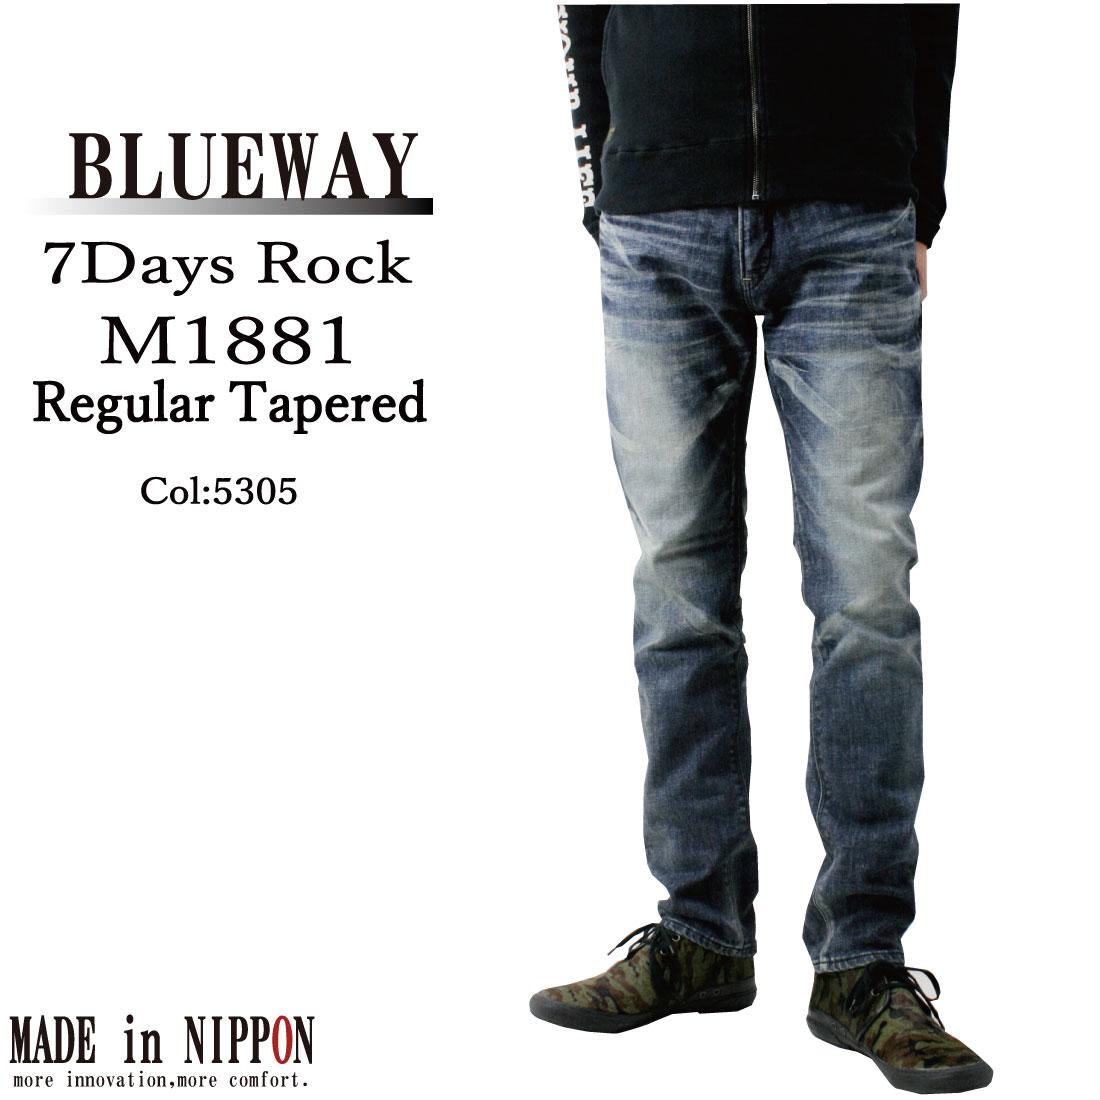 BLUEWAY ブルーウェイ メンズ M1881 ジーンズ ソリッドストレッチ デニム レギュラー テーパード M1881-5305 インディゴ オーバーエイジング加工